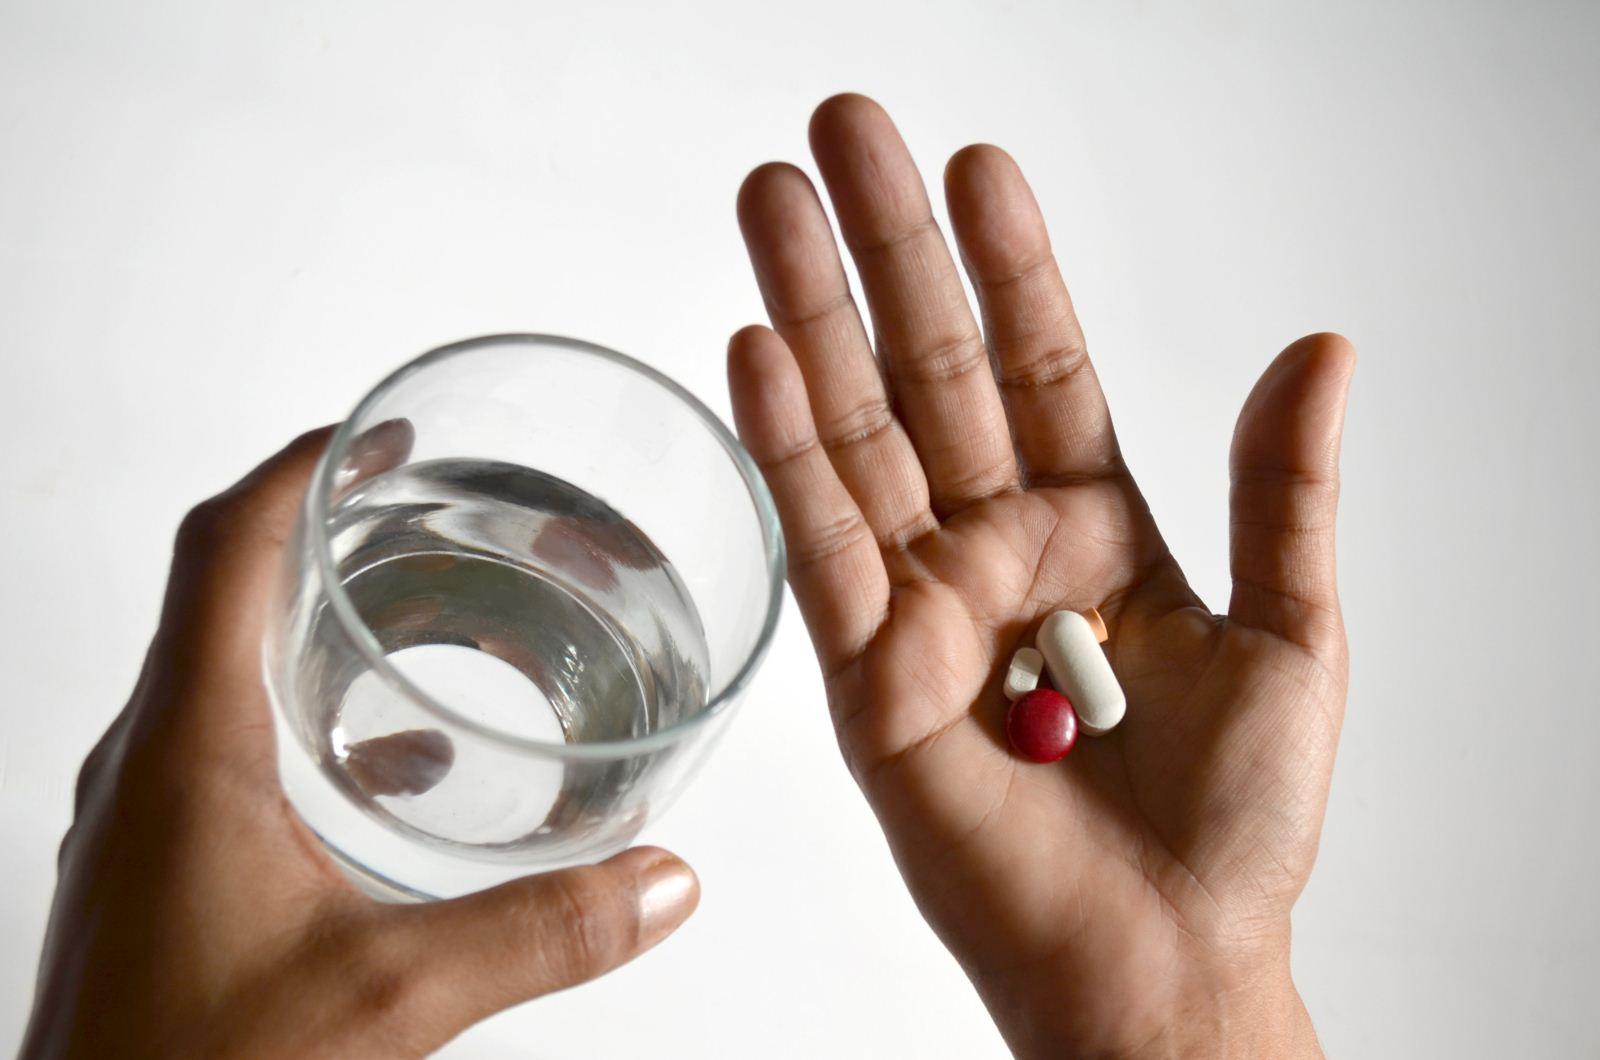 FDA: Ngày 03/2/2020, FDA cập nhật và thông cáo báo chí về NDMA trong metformin